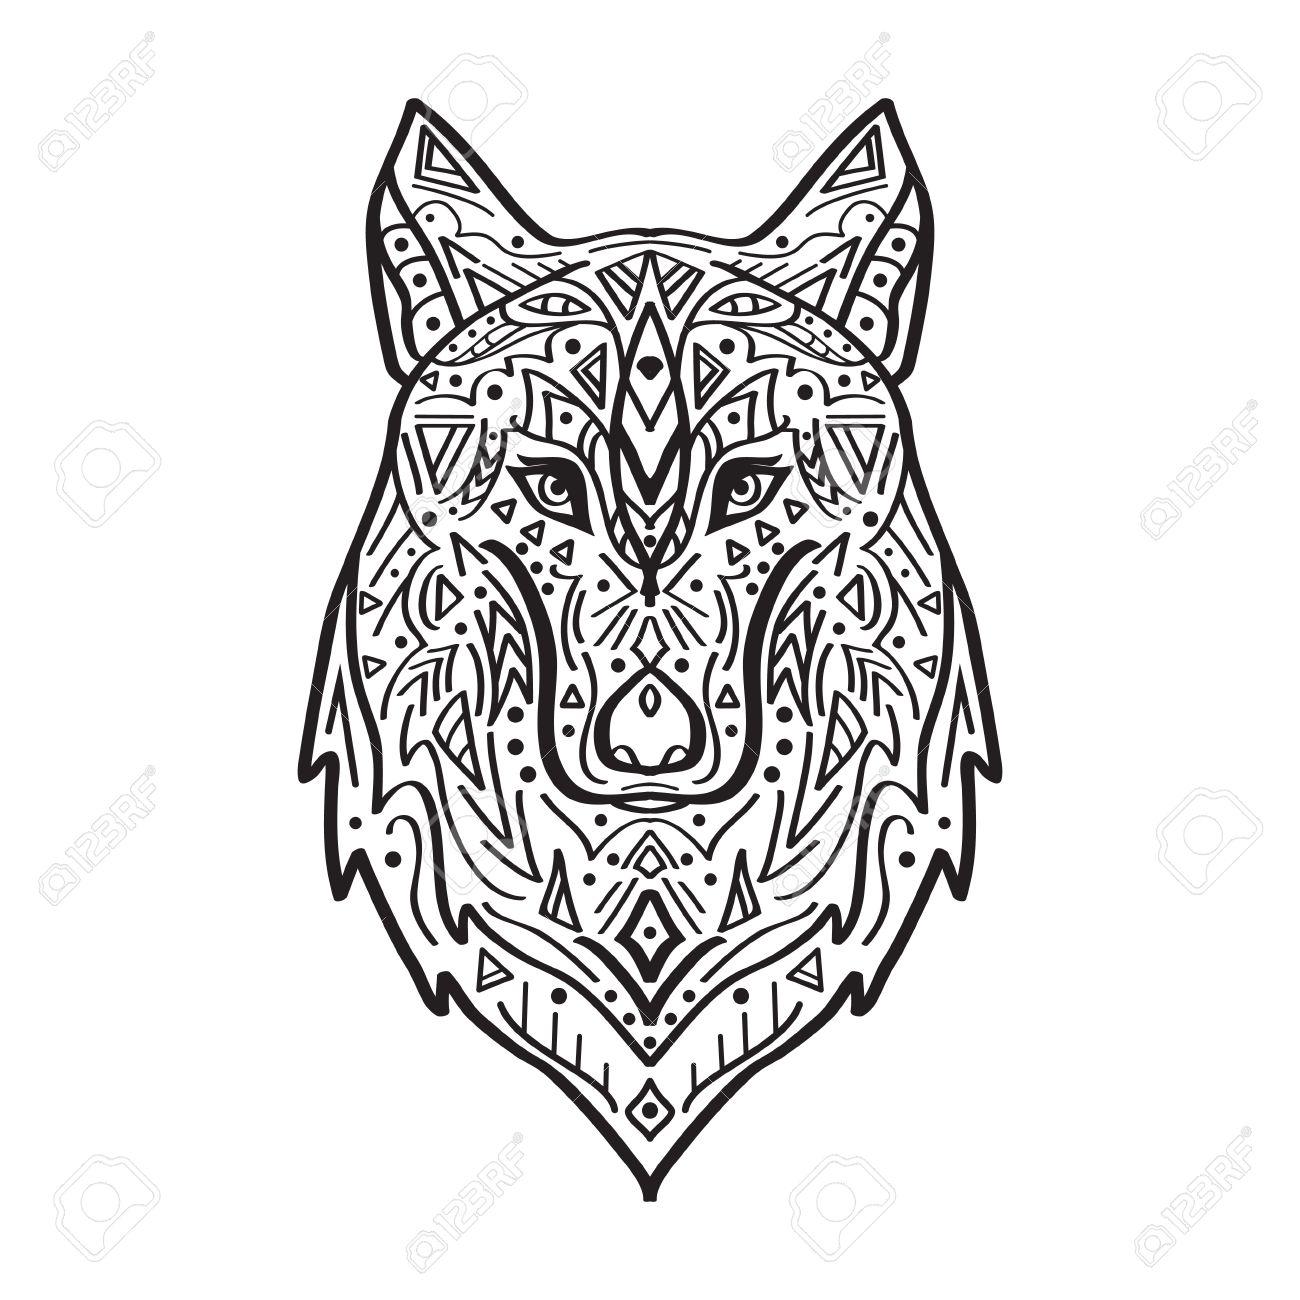 Vecteur Noir Et Blanc Illustration De Loup De Style Tribal Avec Des